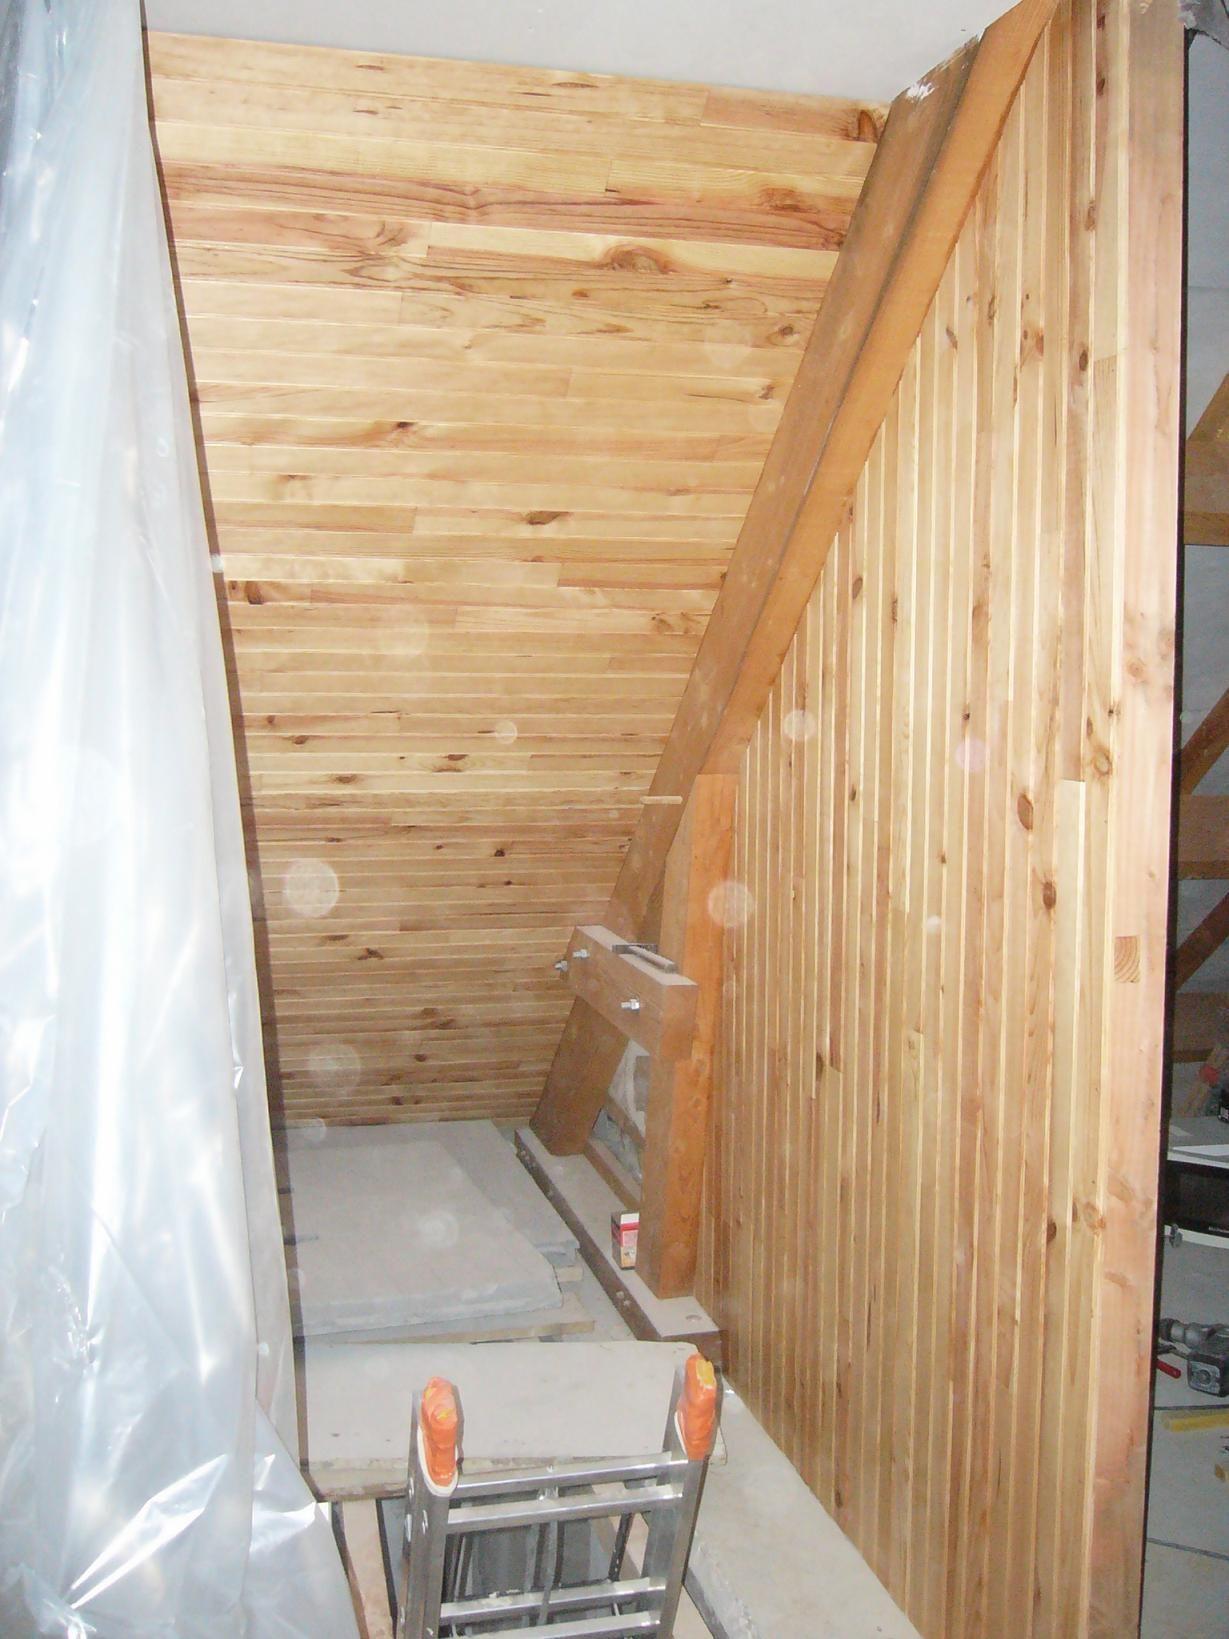 chambre lambris deco colmar prix travaux peinture au metre carre fresco lambris dappui. Black Bedroom Furniture Sets. Home Design Ideas